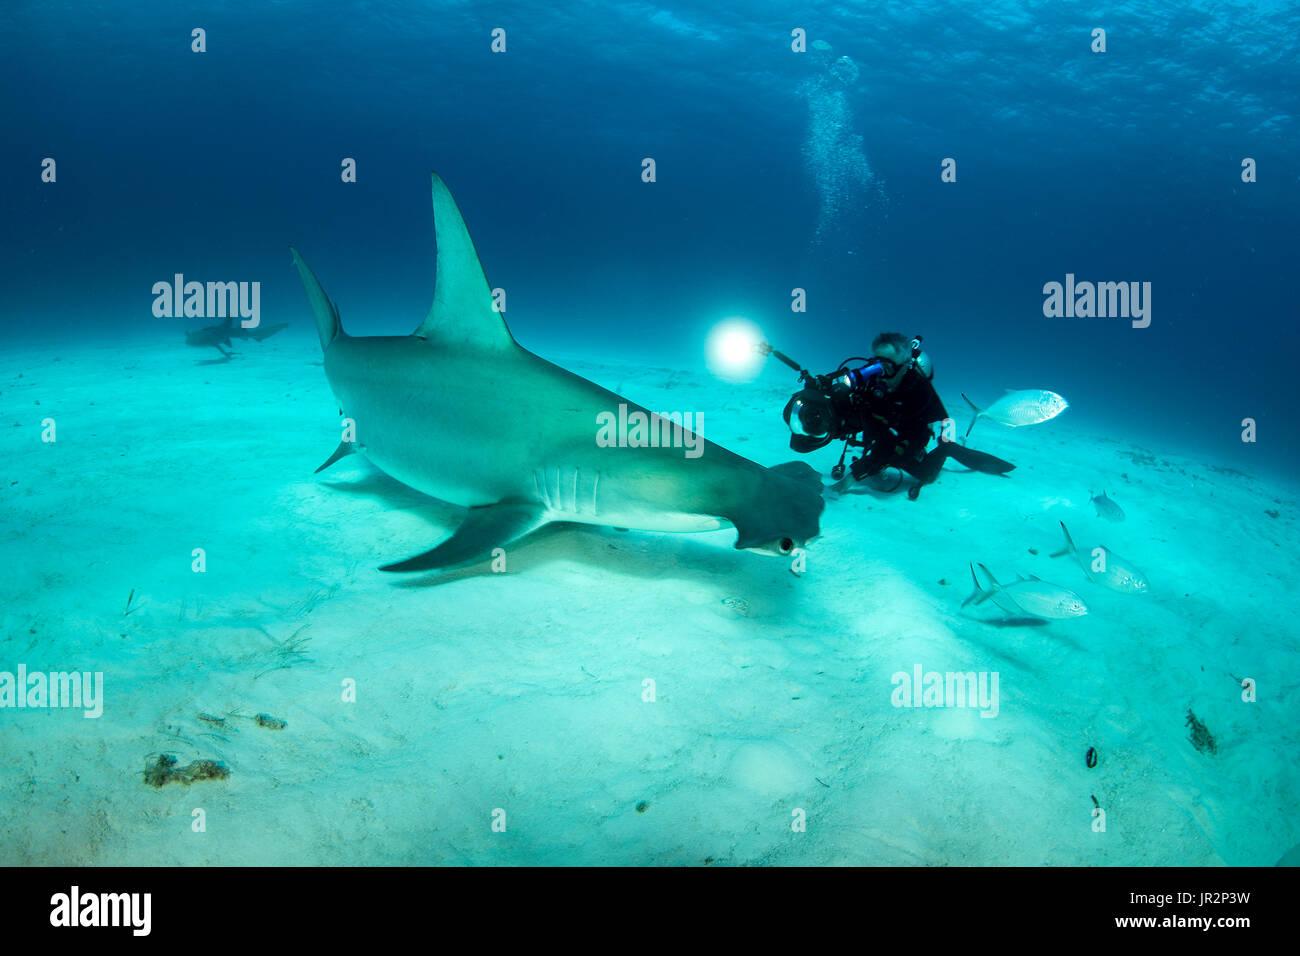 c532e89f1a Scuba diver is filming a Great hammerhead shark (Sphyrna mokarran) swimming  over a sandy